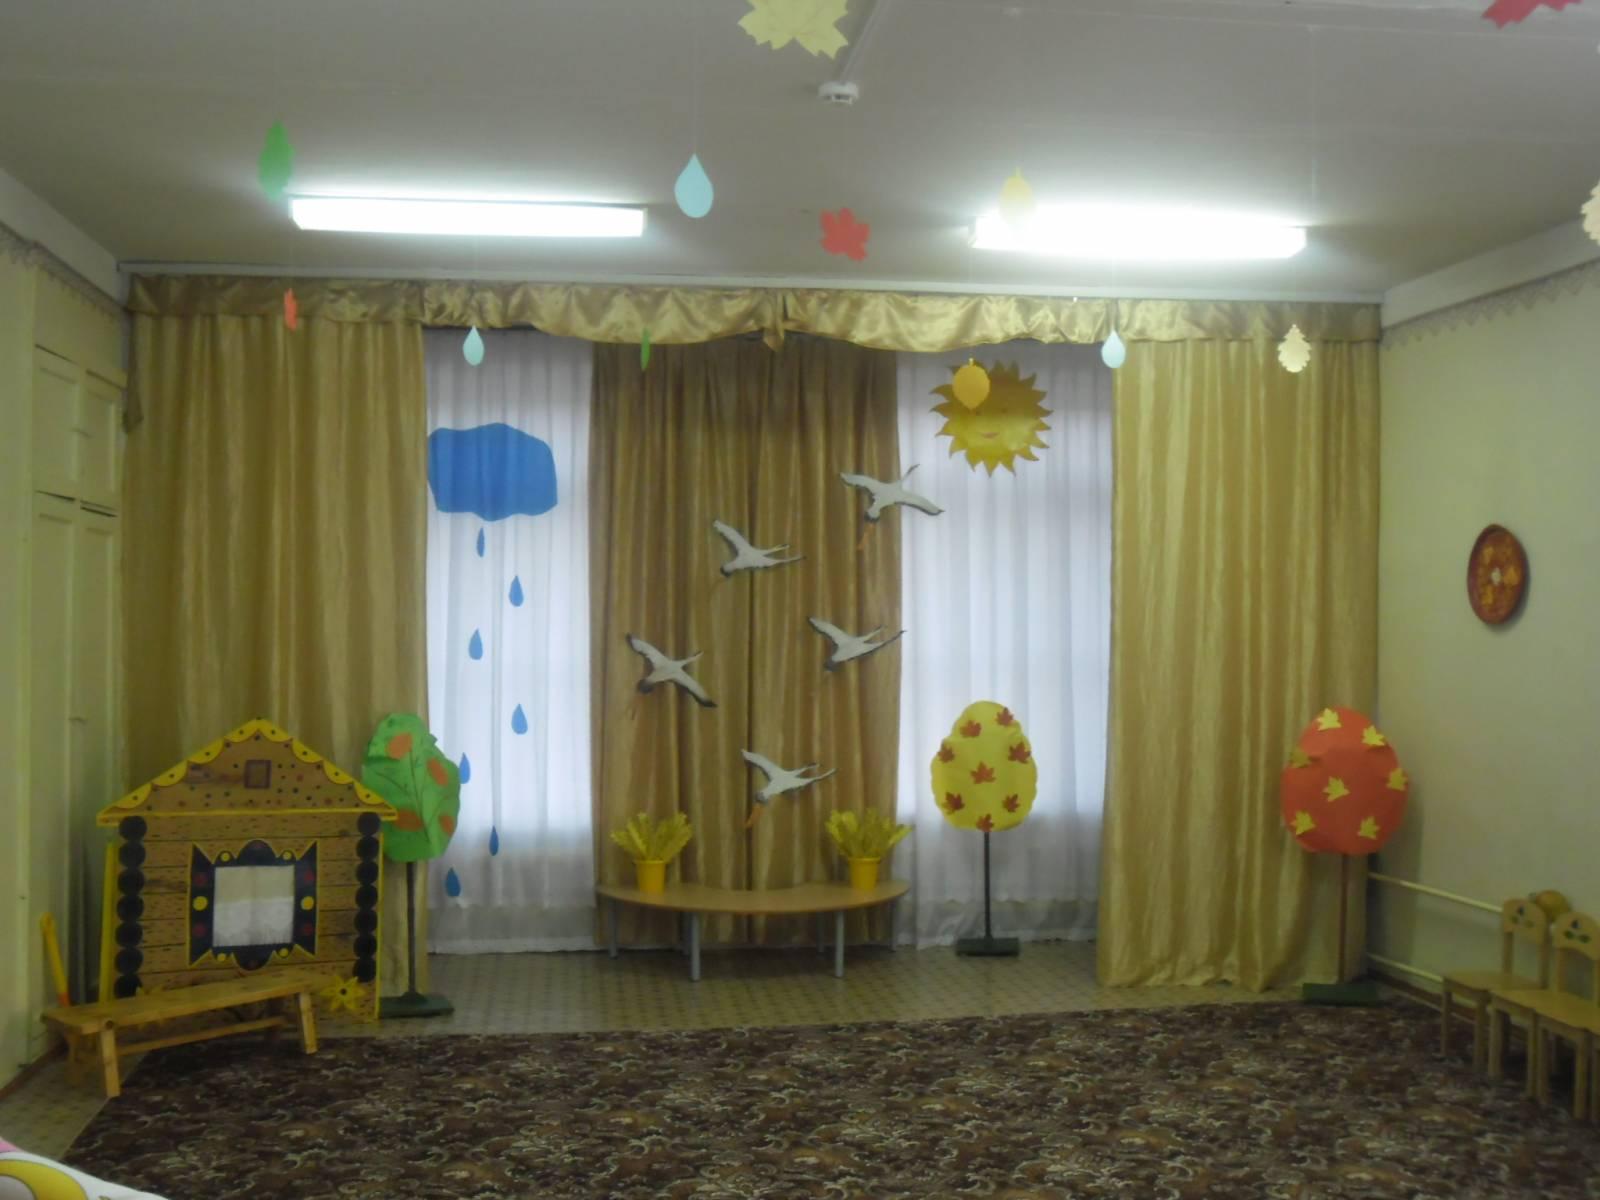 Осеннее оформление детского сада: праздничные гирлянды на 22